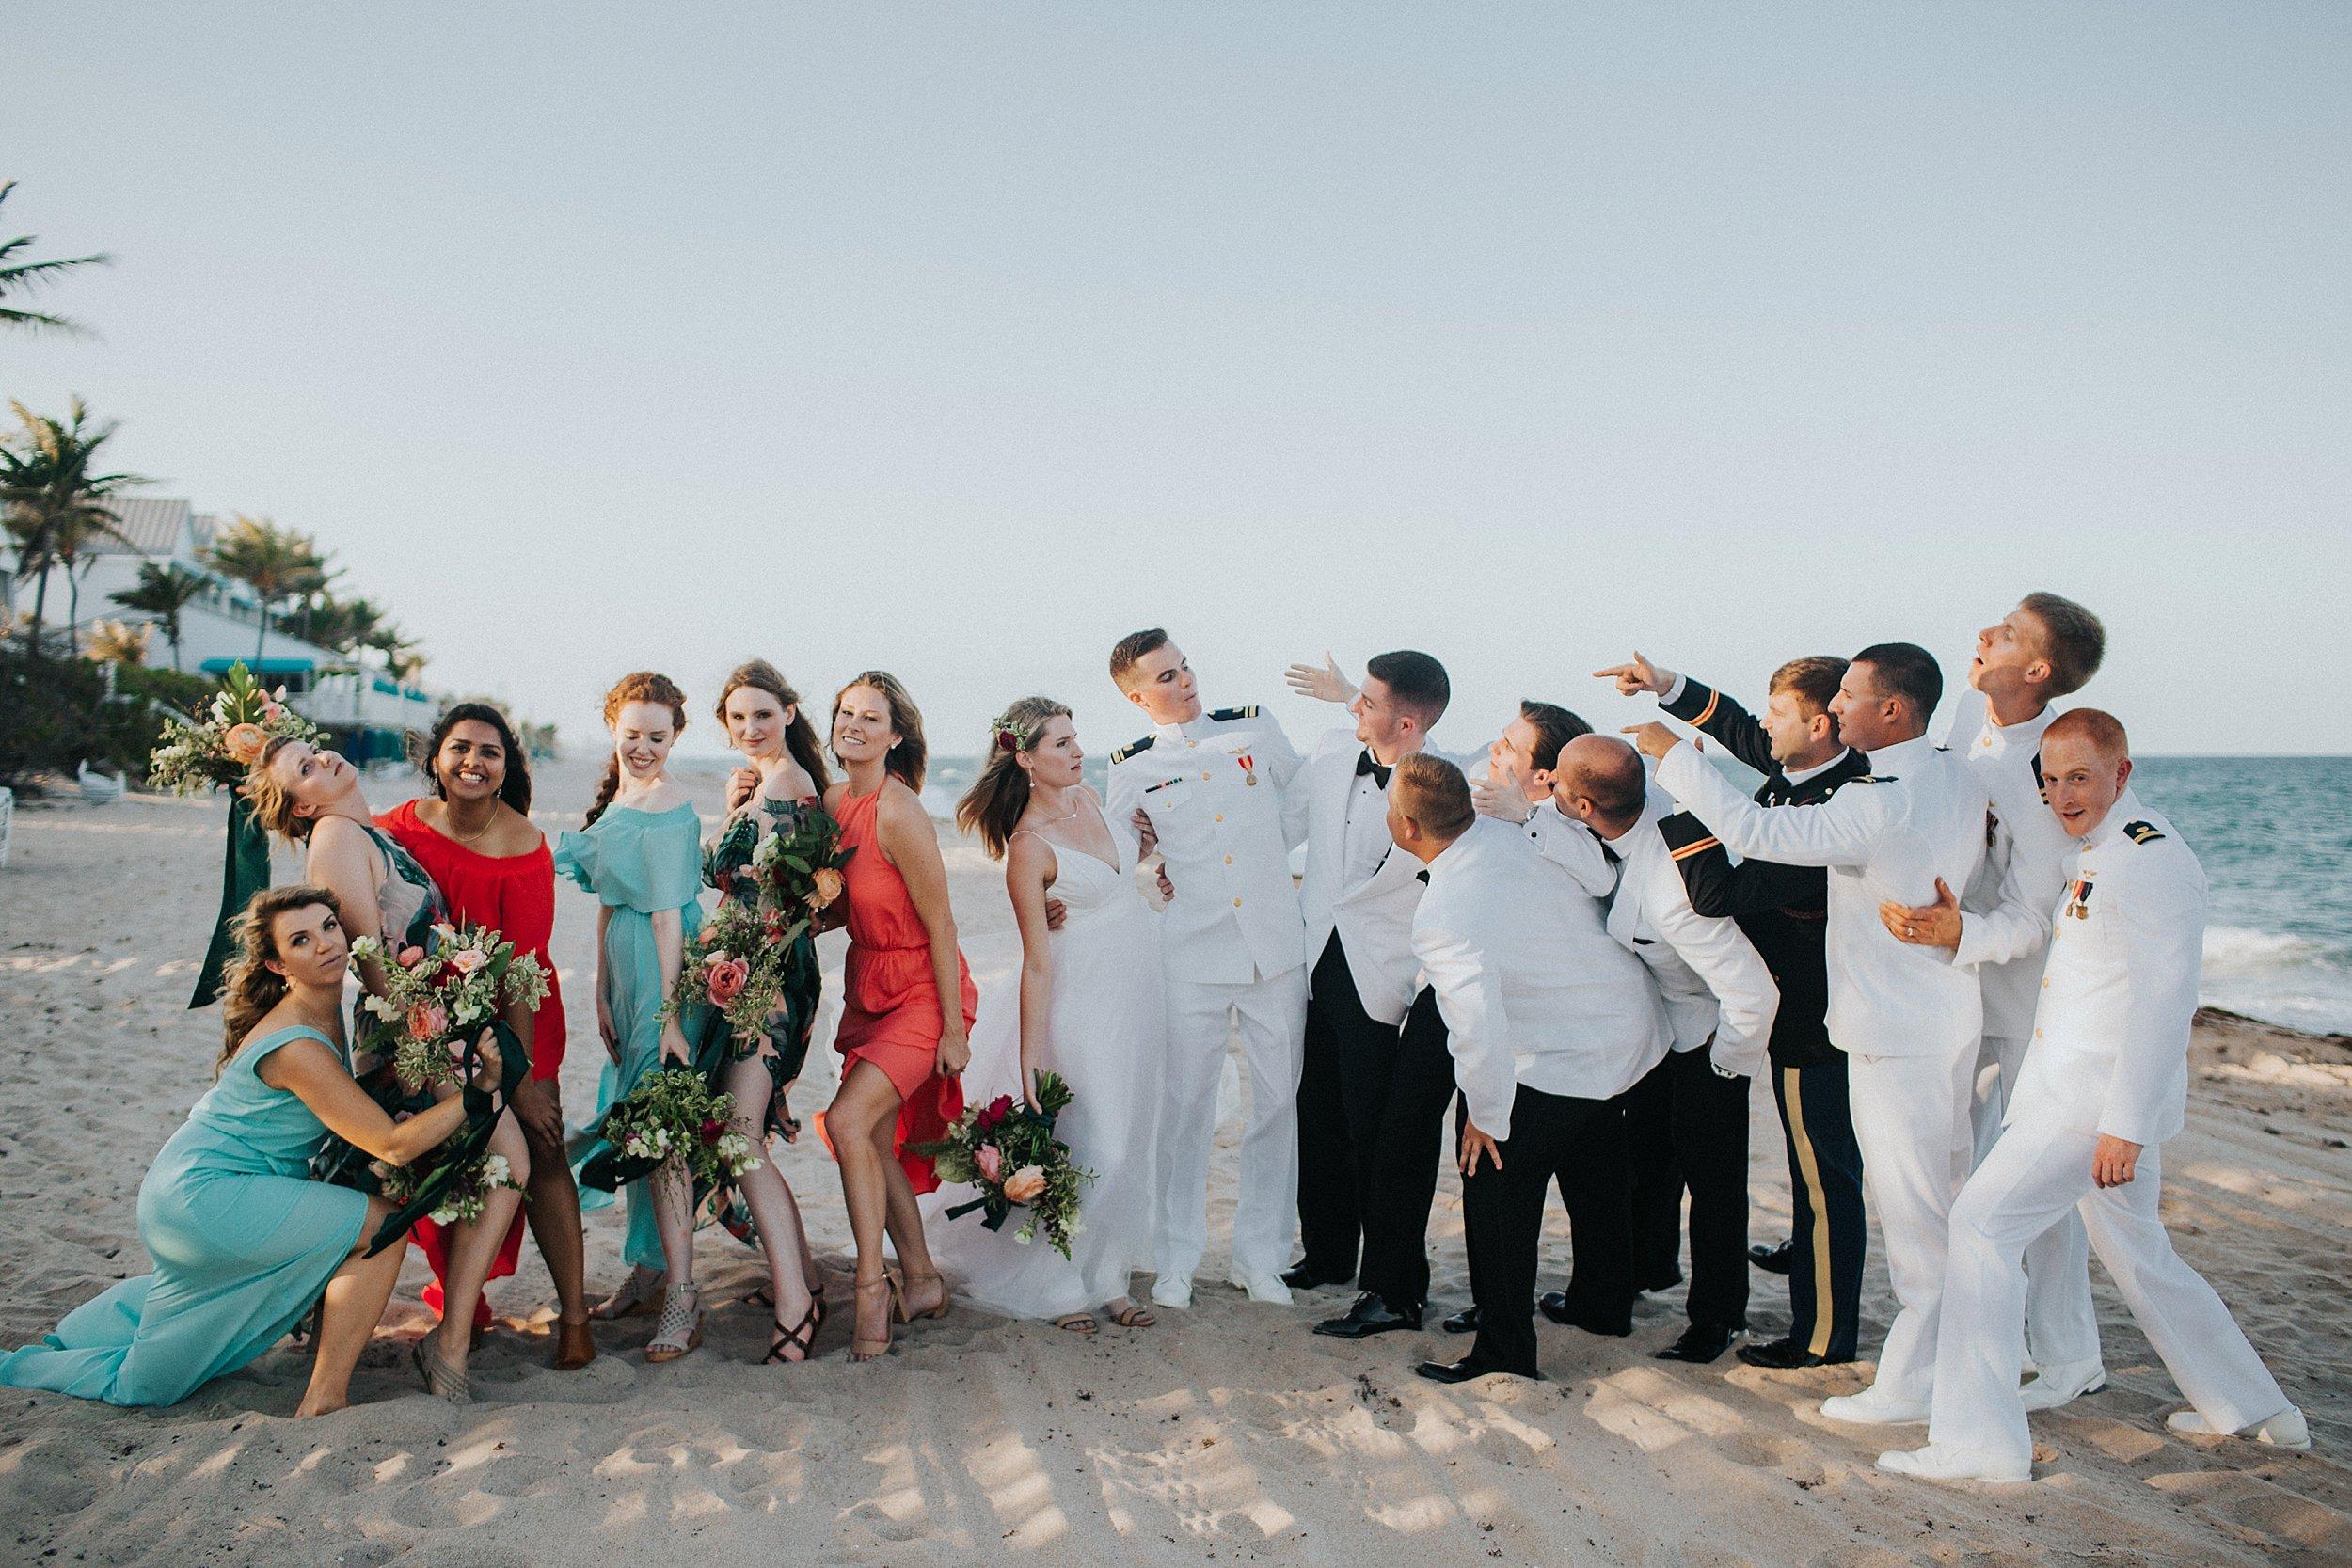 fun bridal party photos on the beach